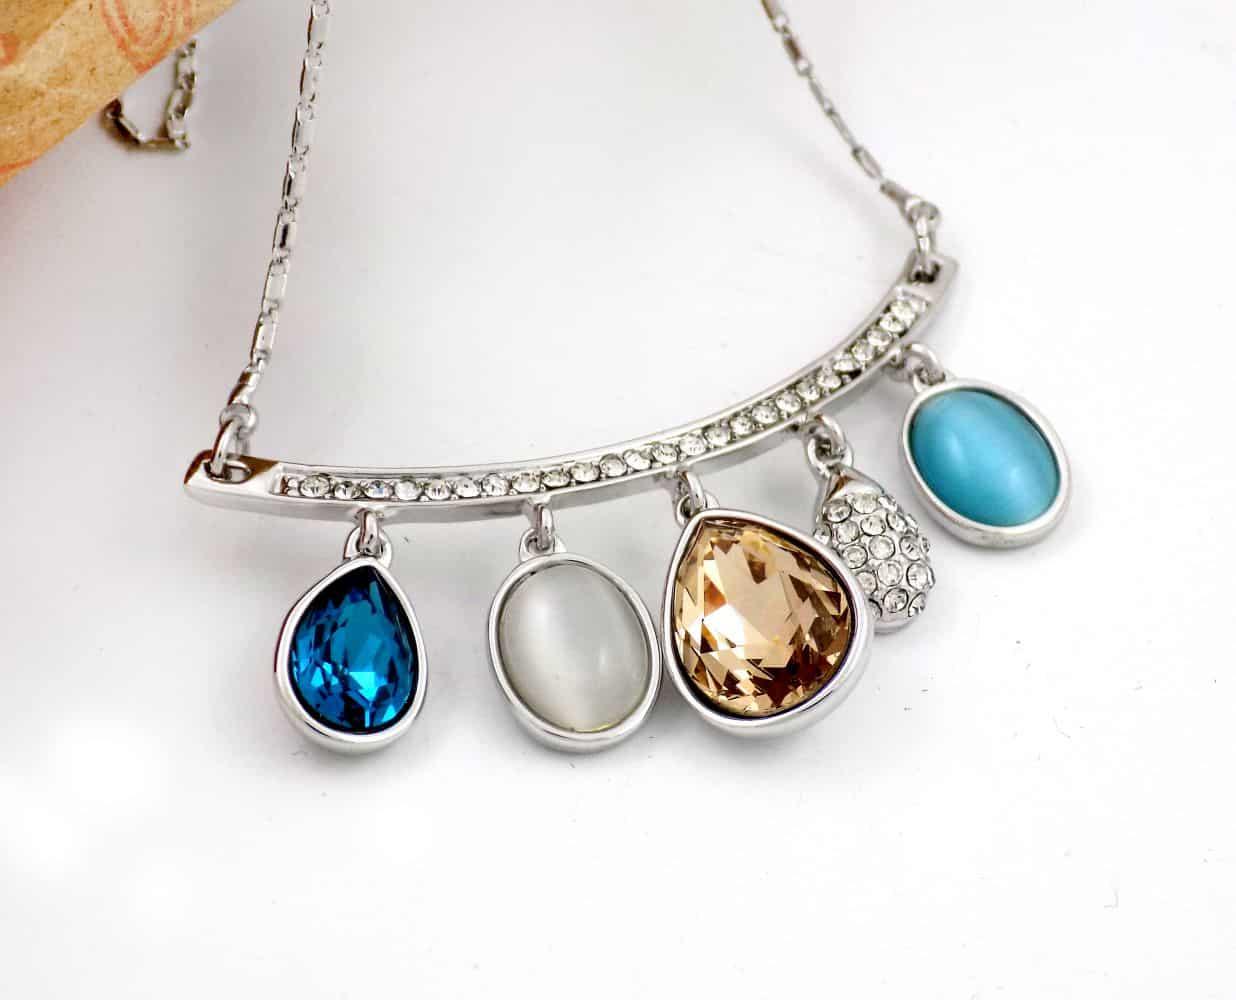 گردنبند دخترانه جواهری کلیو با نگین های رنگی سواروسکی اصل Nw-n132 از نمای کنار